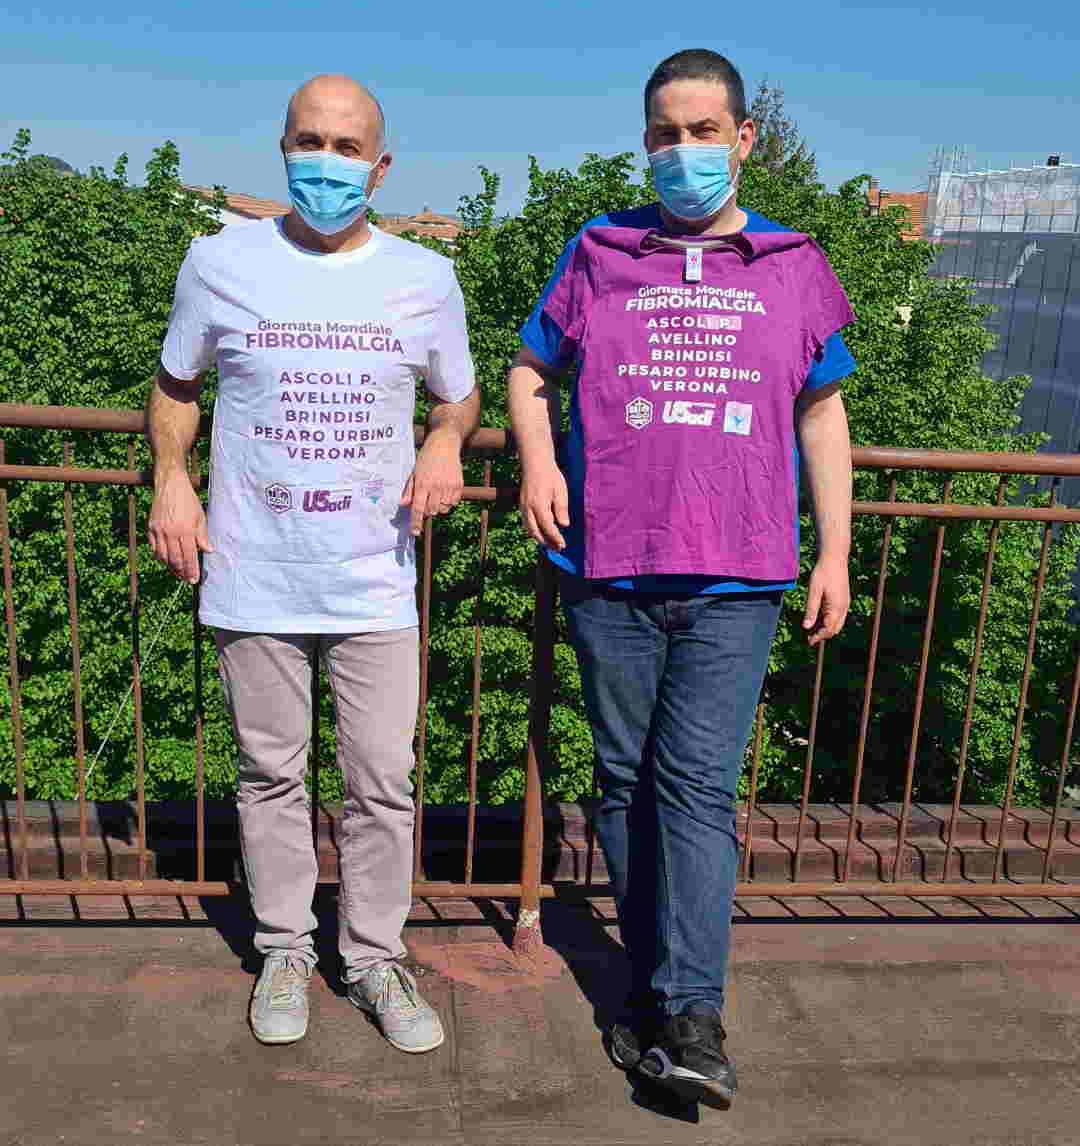 Giornata mondiale della Fibromialgia: appuntamenti ad Ascoli